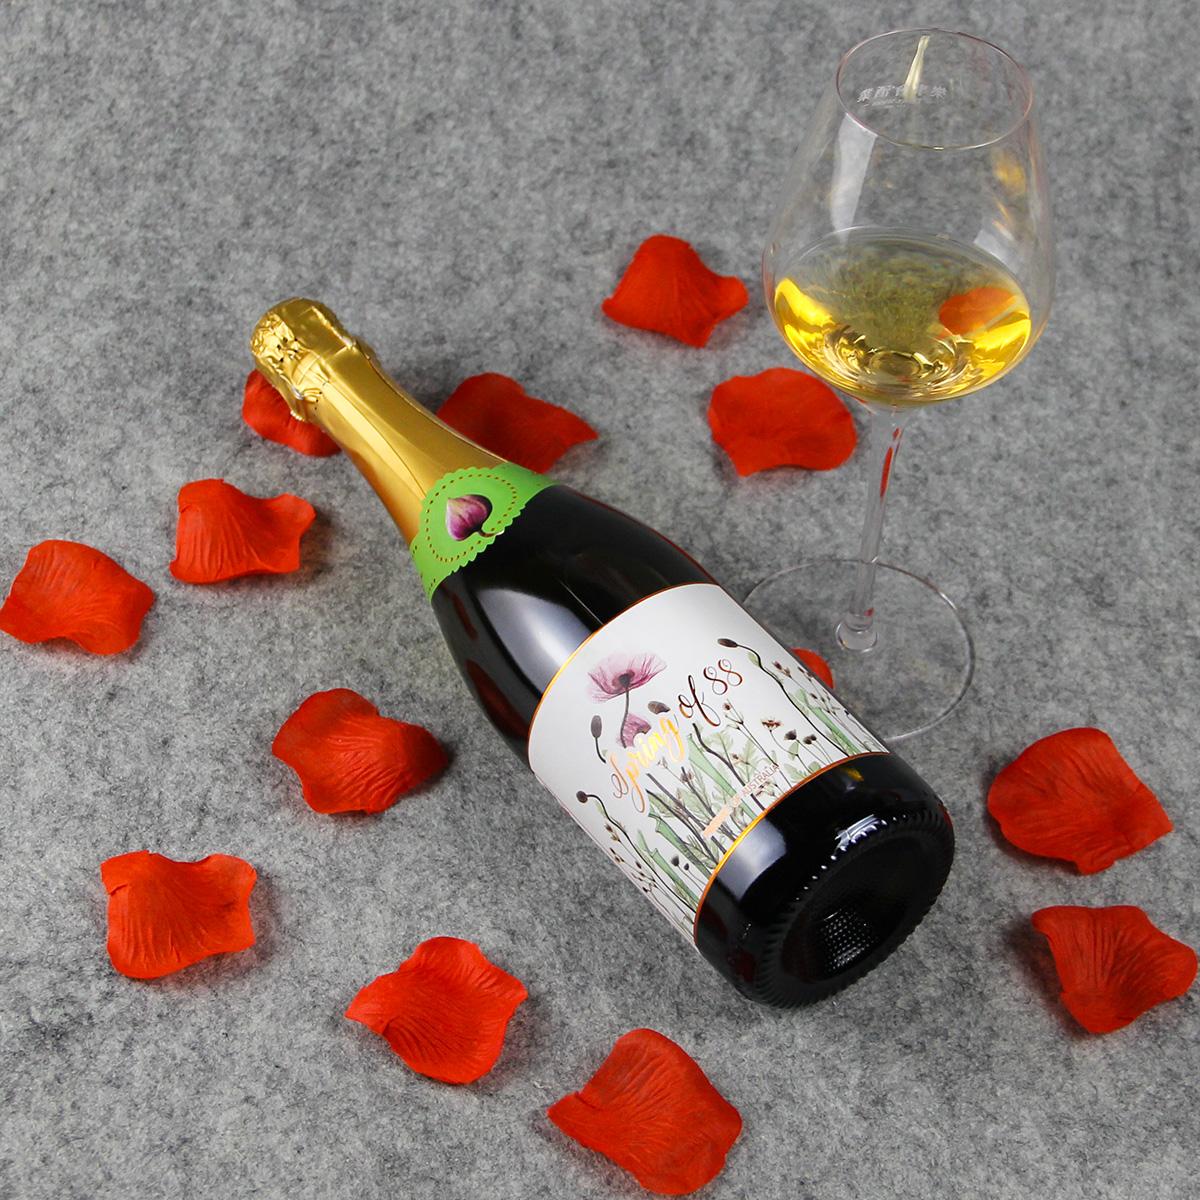 澳大利亚阿德莱德酒满酒庄爱在四季混酿春风十里白无醇葡萄汁